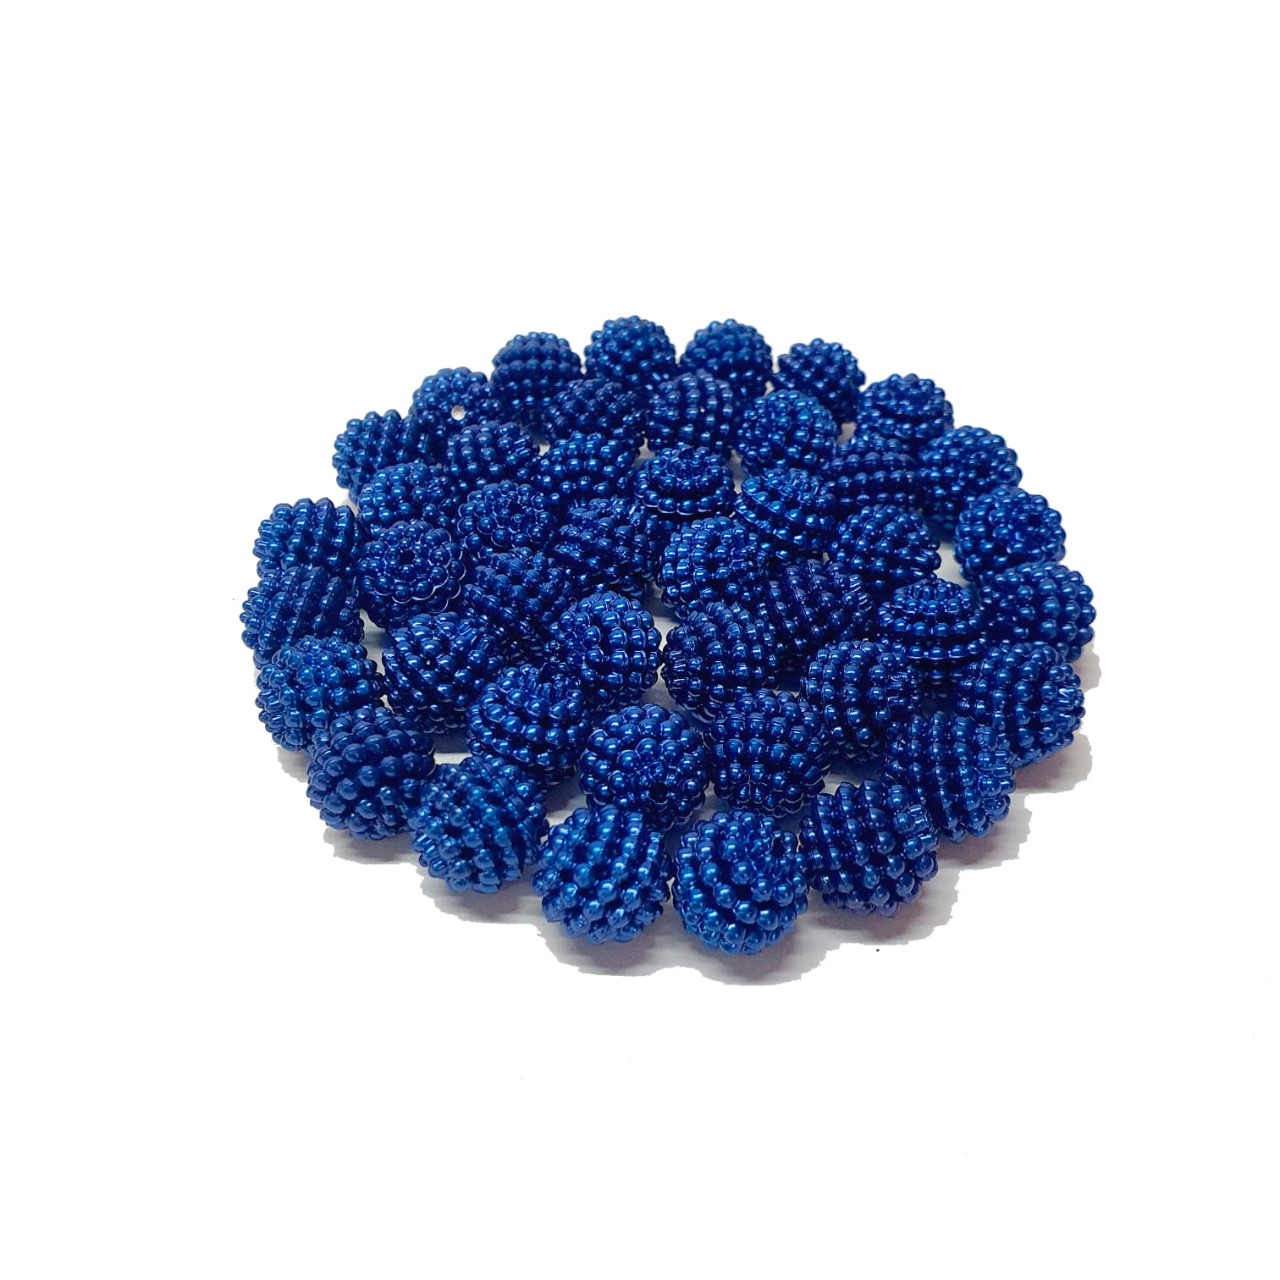 Pérola Craquelada Azul Royal